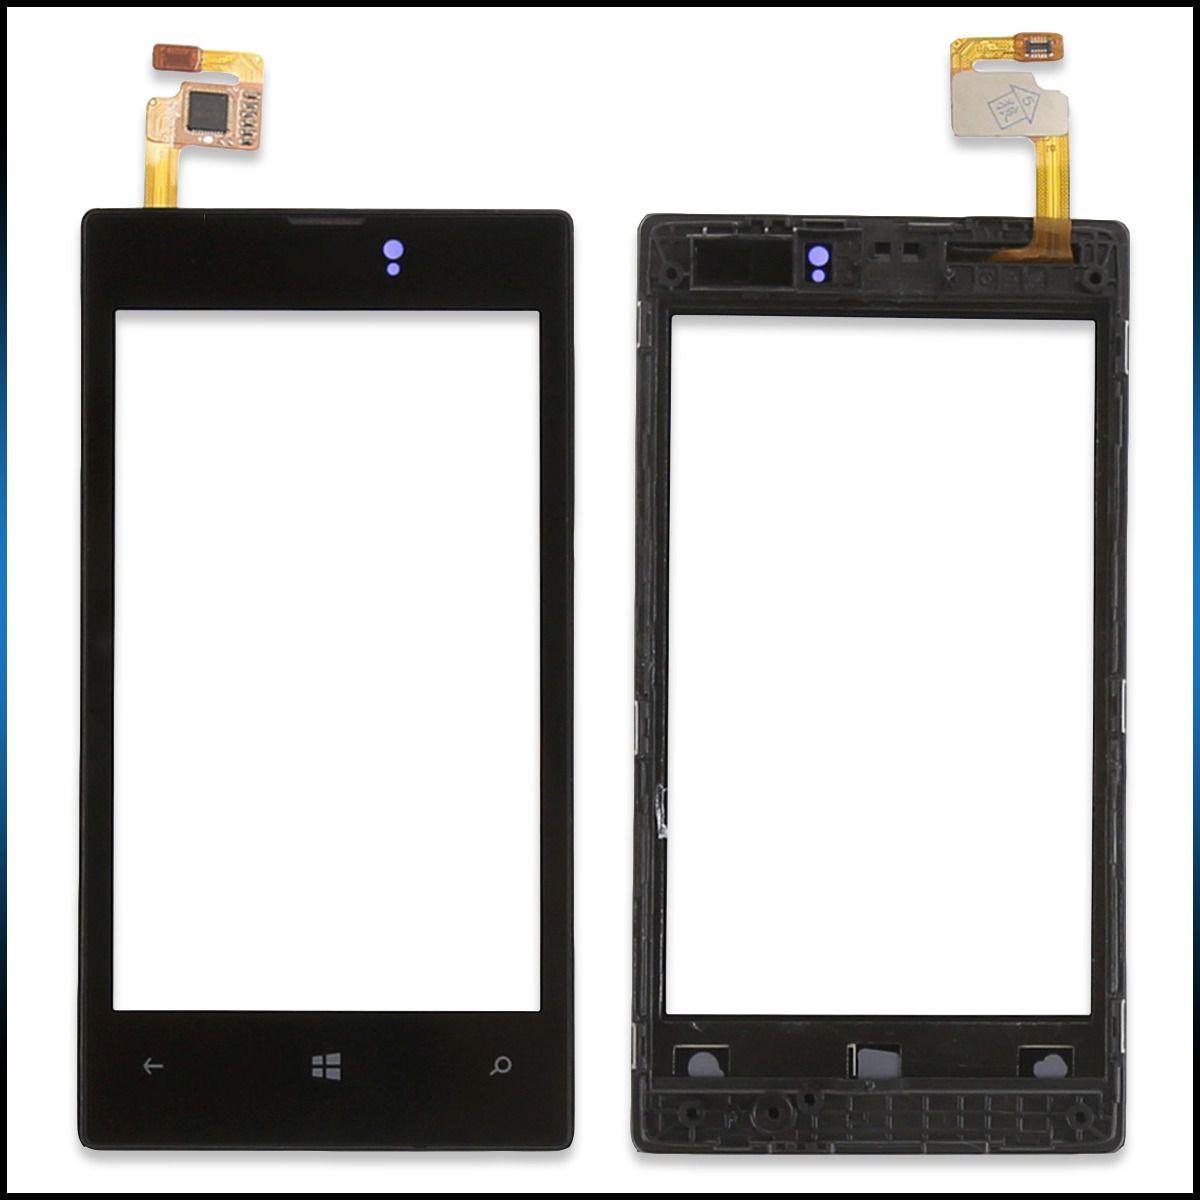 Tela Touch screen Frente  Nokia Lumia 520 N520 C/ Aro  PRETO